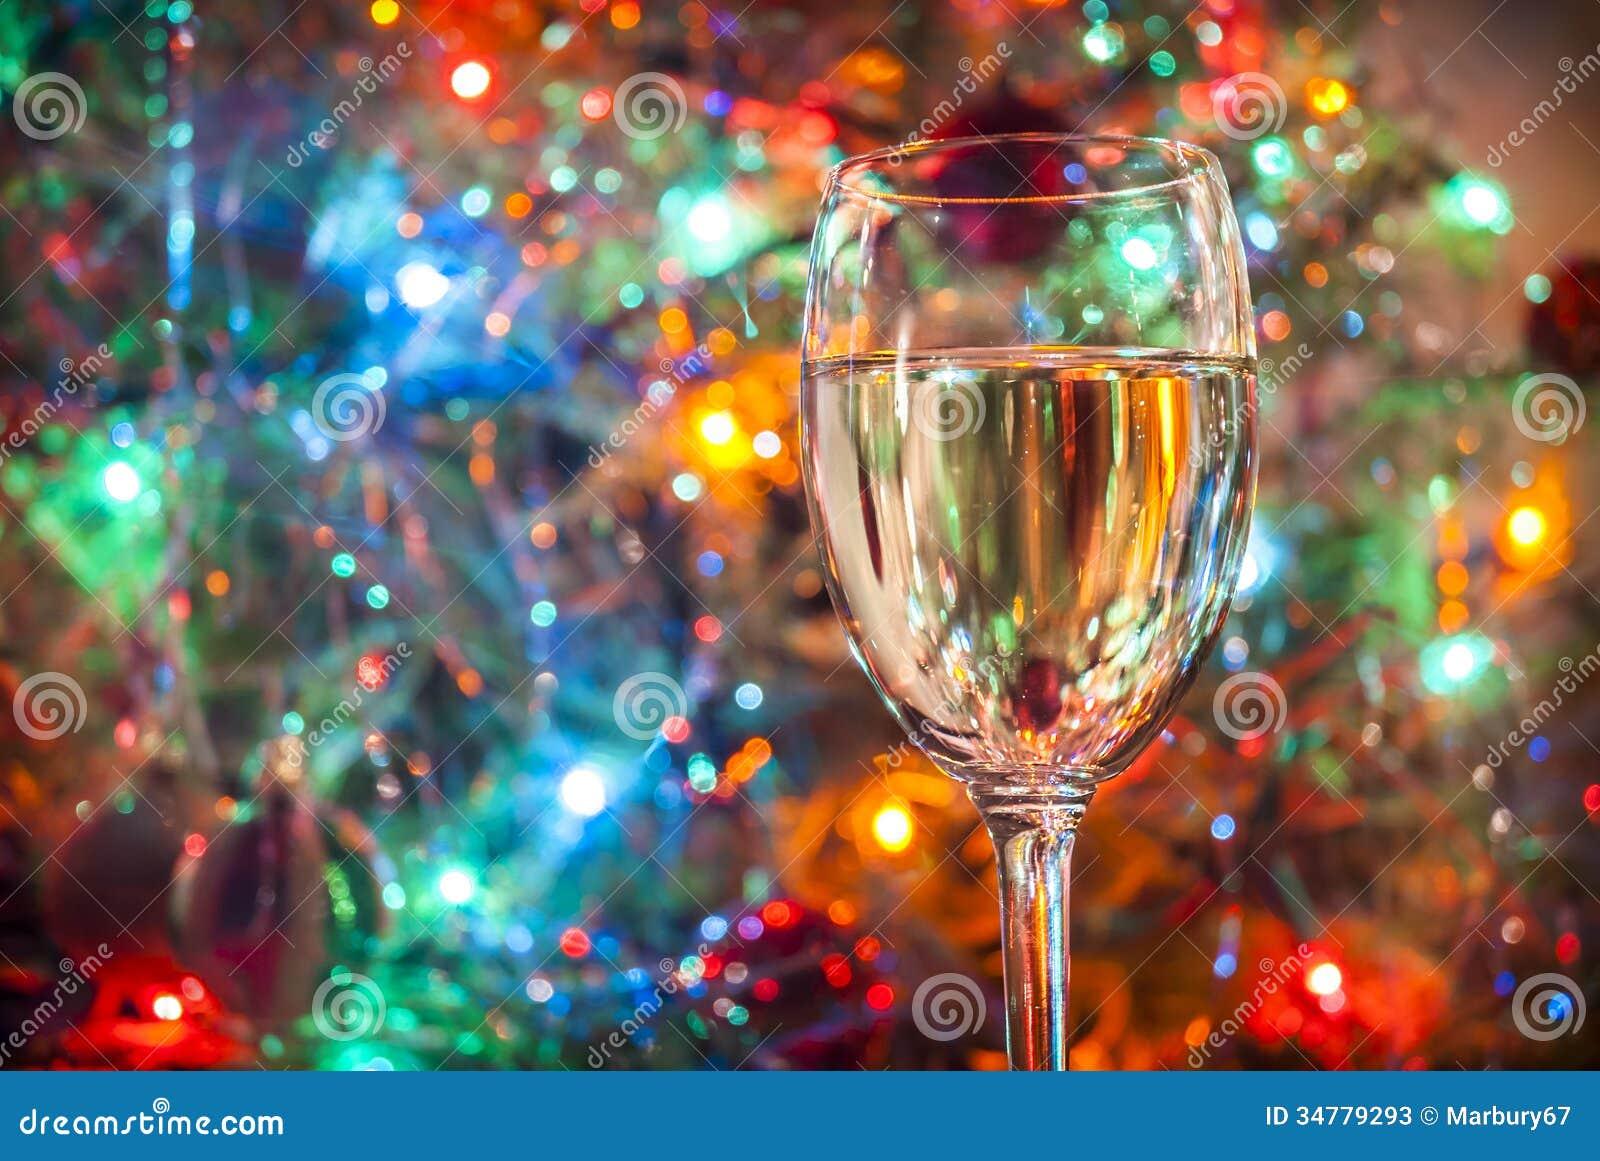 Christmas Wine Stock Photos - Image: 34779293